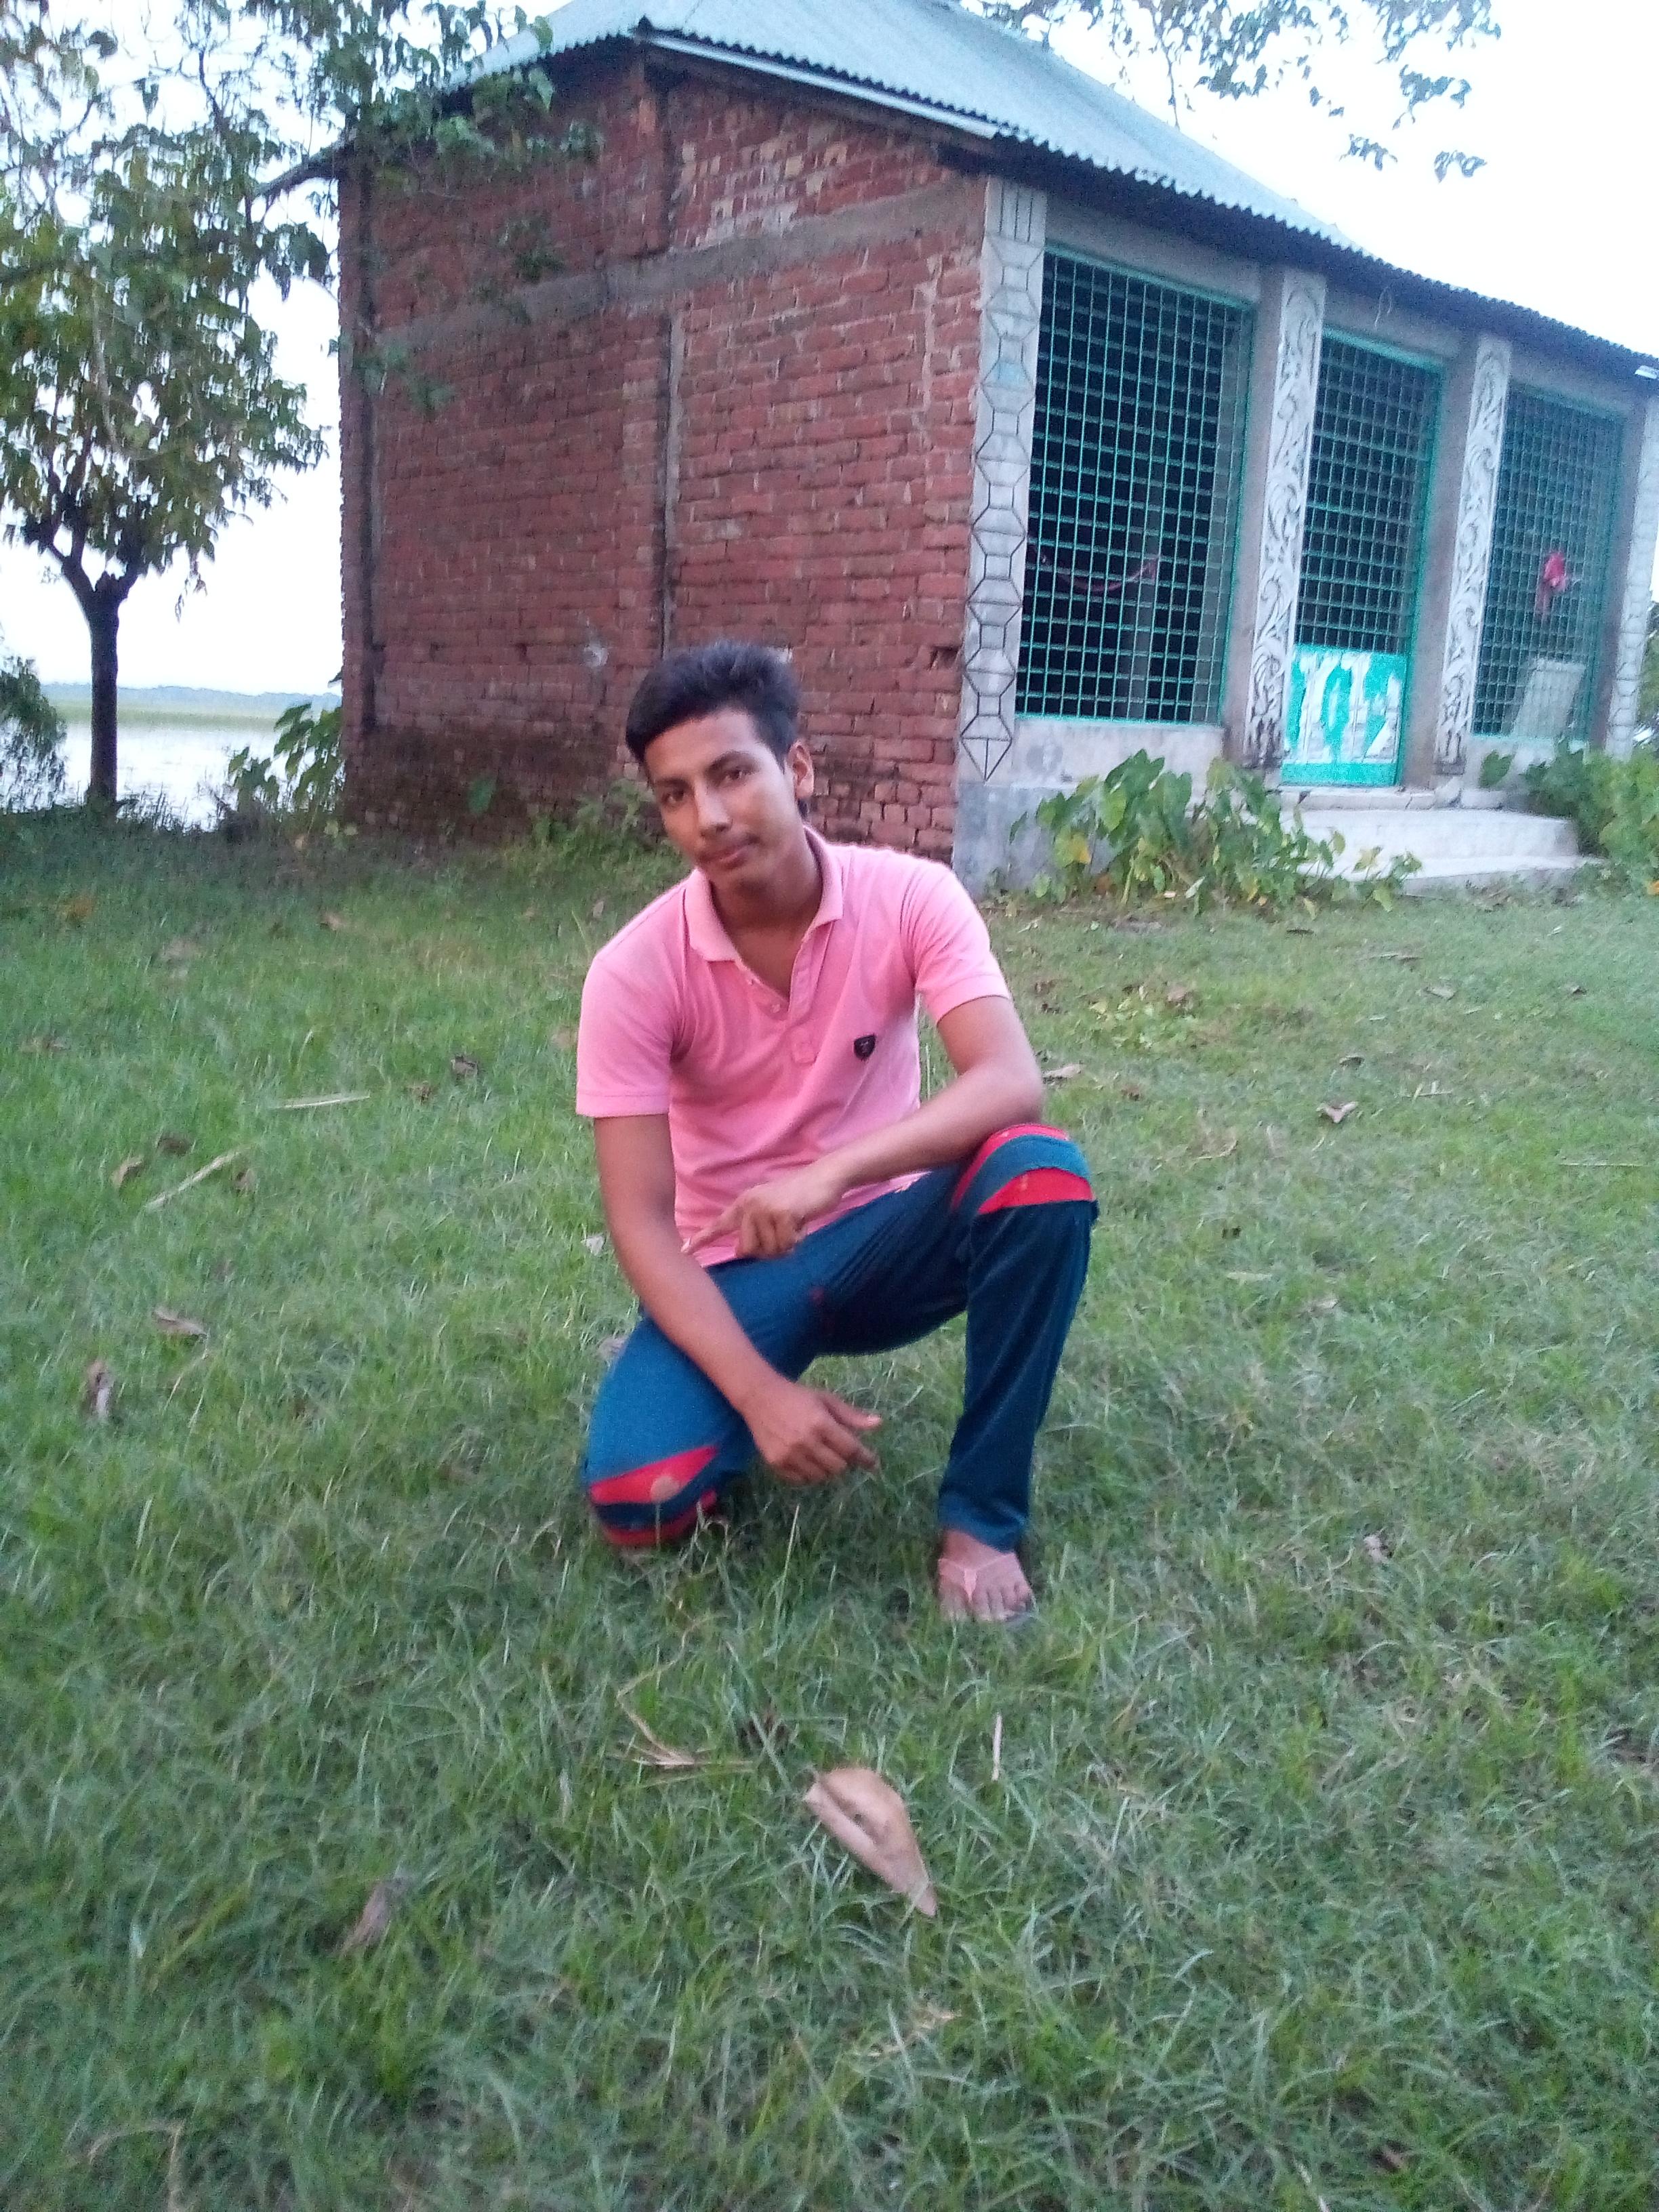 MdNasir Hussain